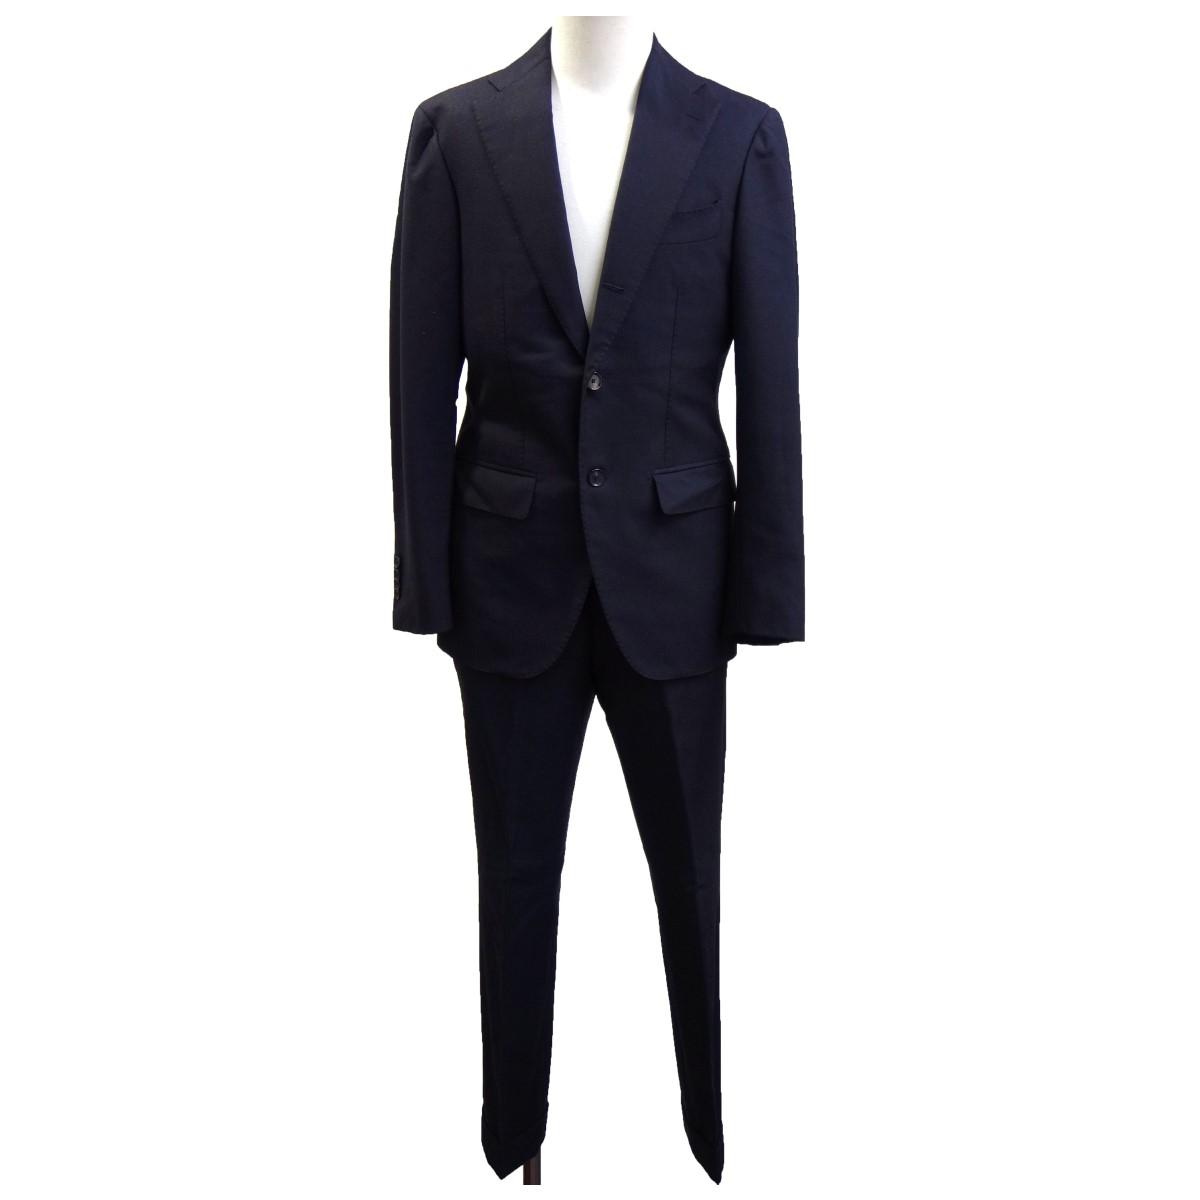 【中古】Brilla per il gusto セットアップスーツ ブラック サイズ:42/42 【160920】(ブリッラ ペル イル グースト)